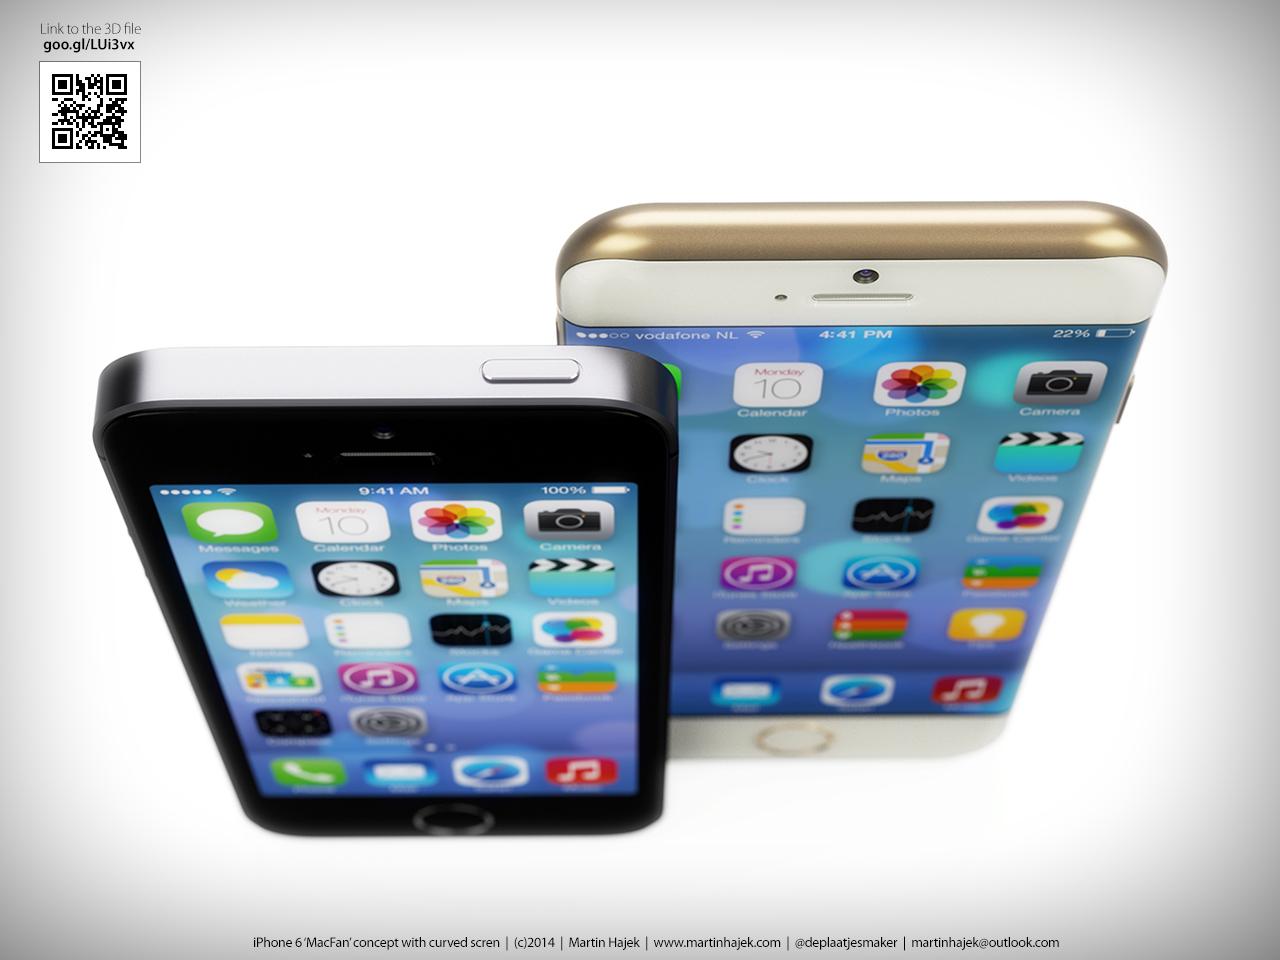 Designer-ul Martin Hajek prezintă un nou concept superb de iPhone 6 ce vine cu display curbat